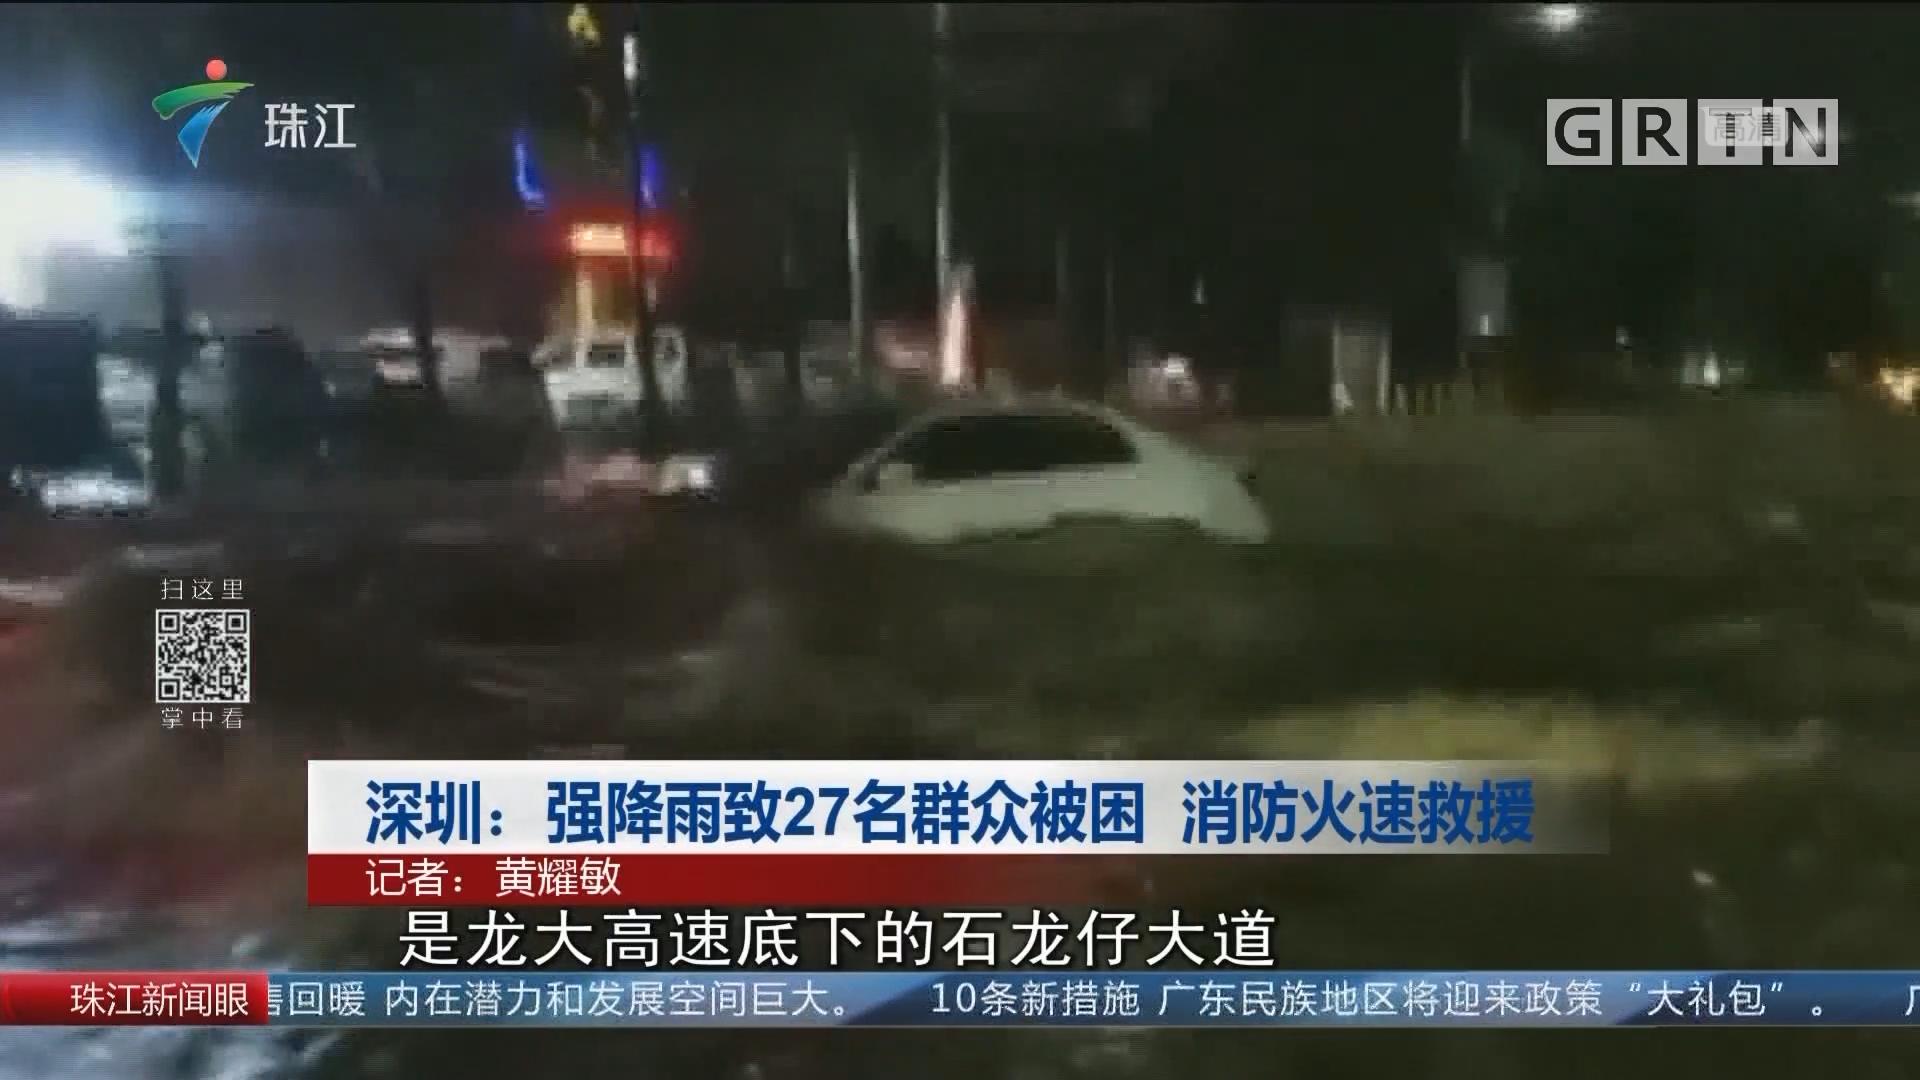 深圳:強降雨致27名群眾被困 消防火速救援